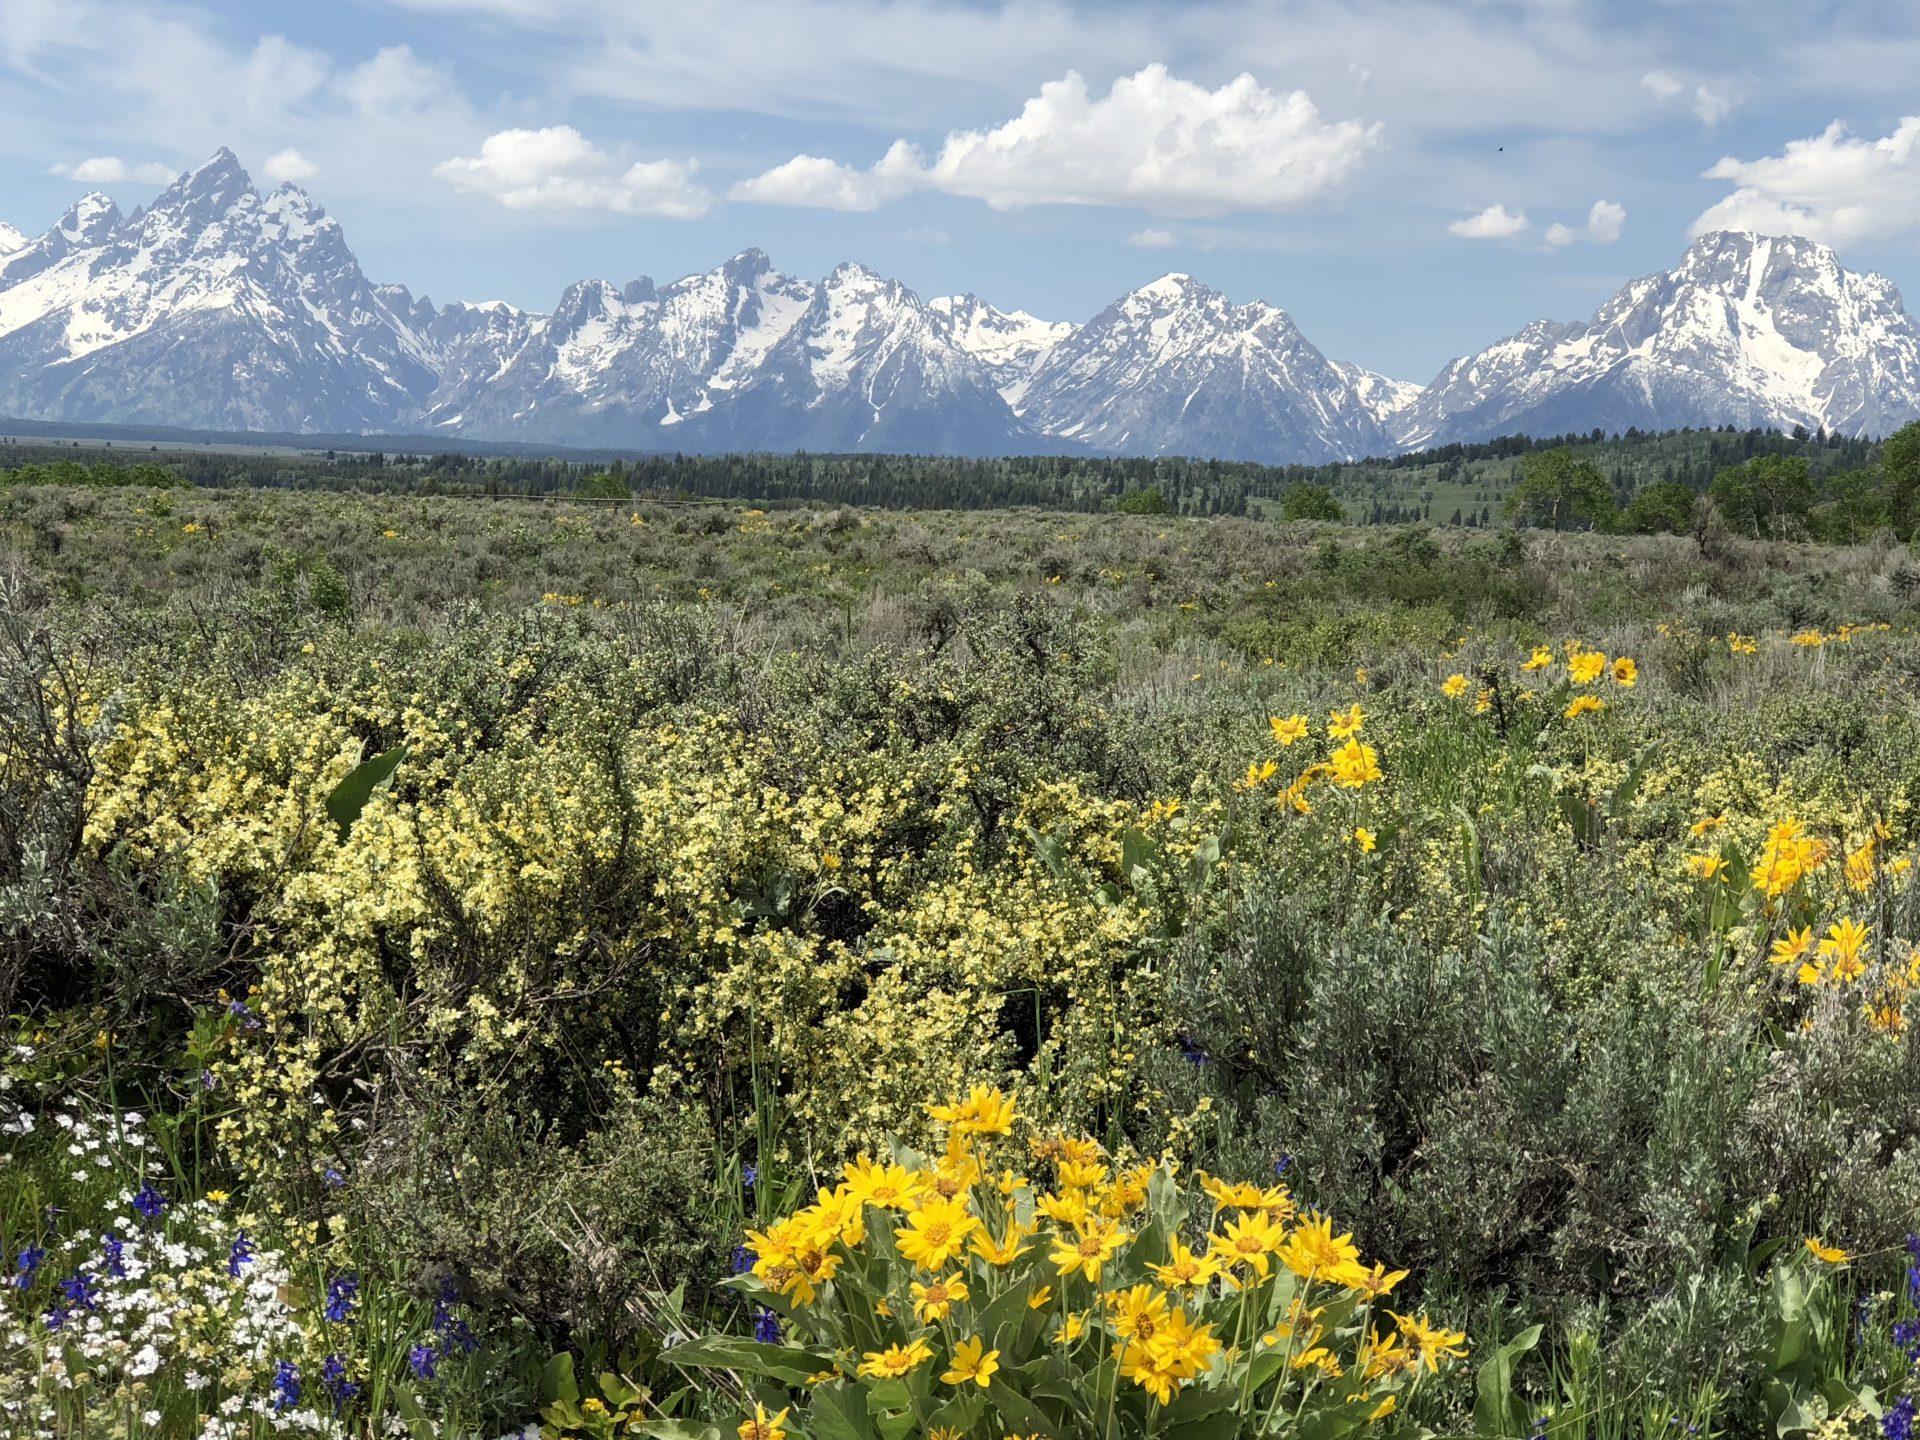 Wyoming shots